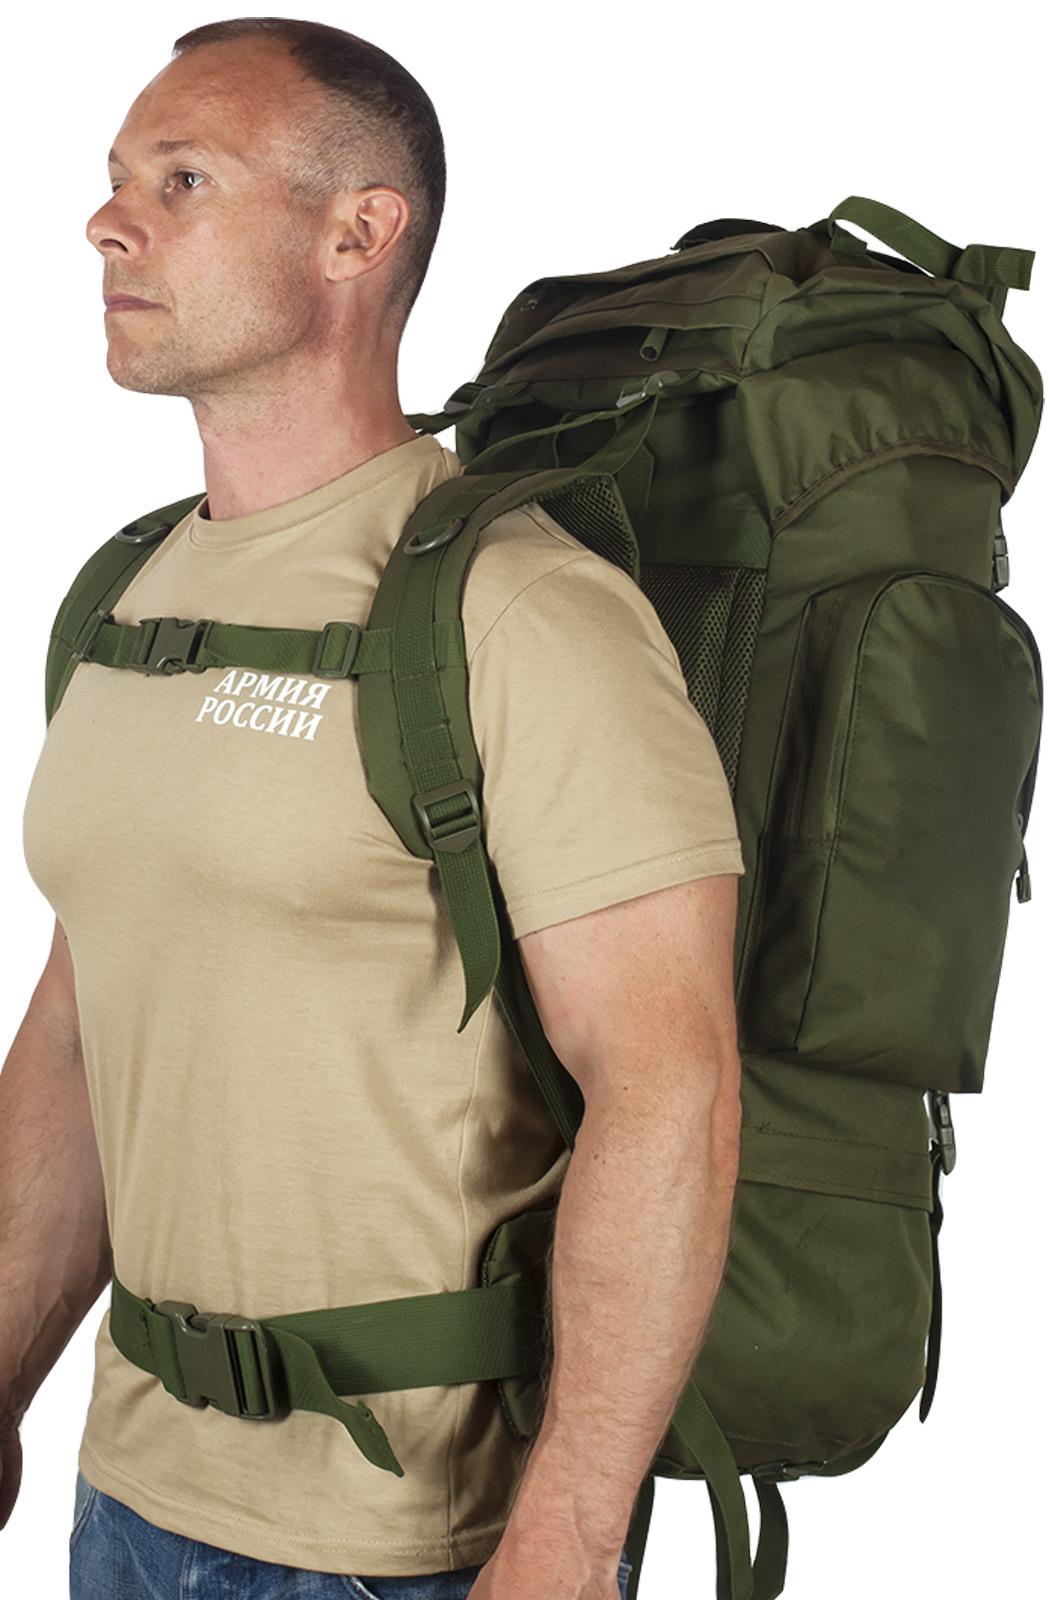 Армейский каркасный рюкзак с нашивкой Танковые Войска - купить выгодно